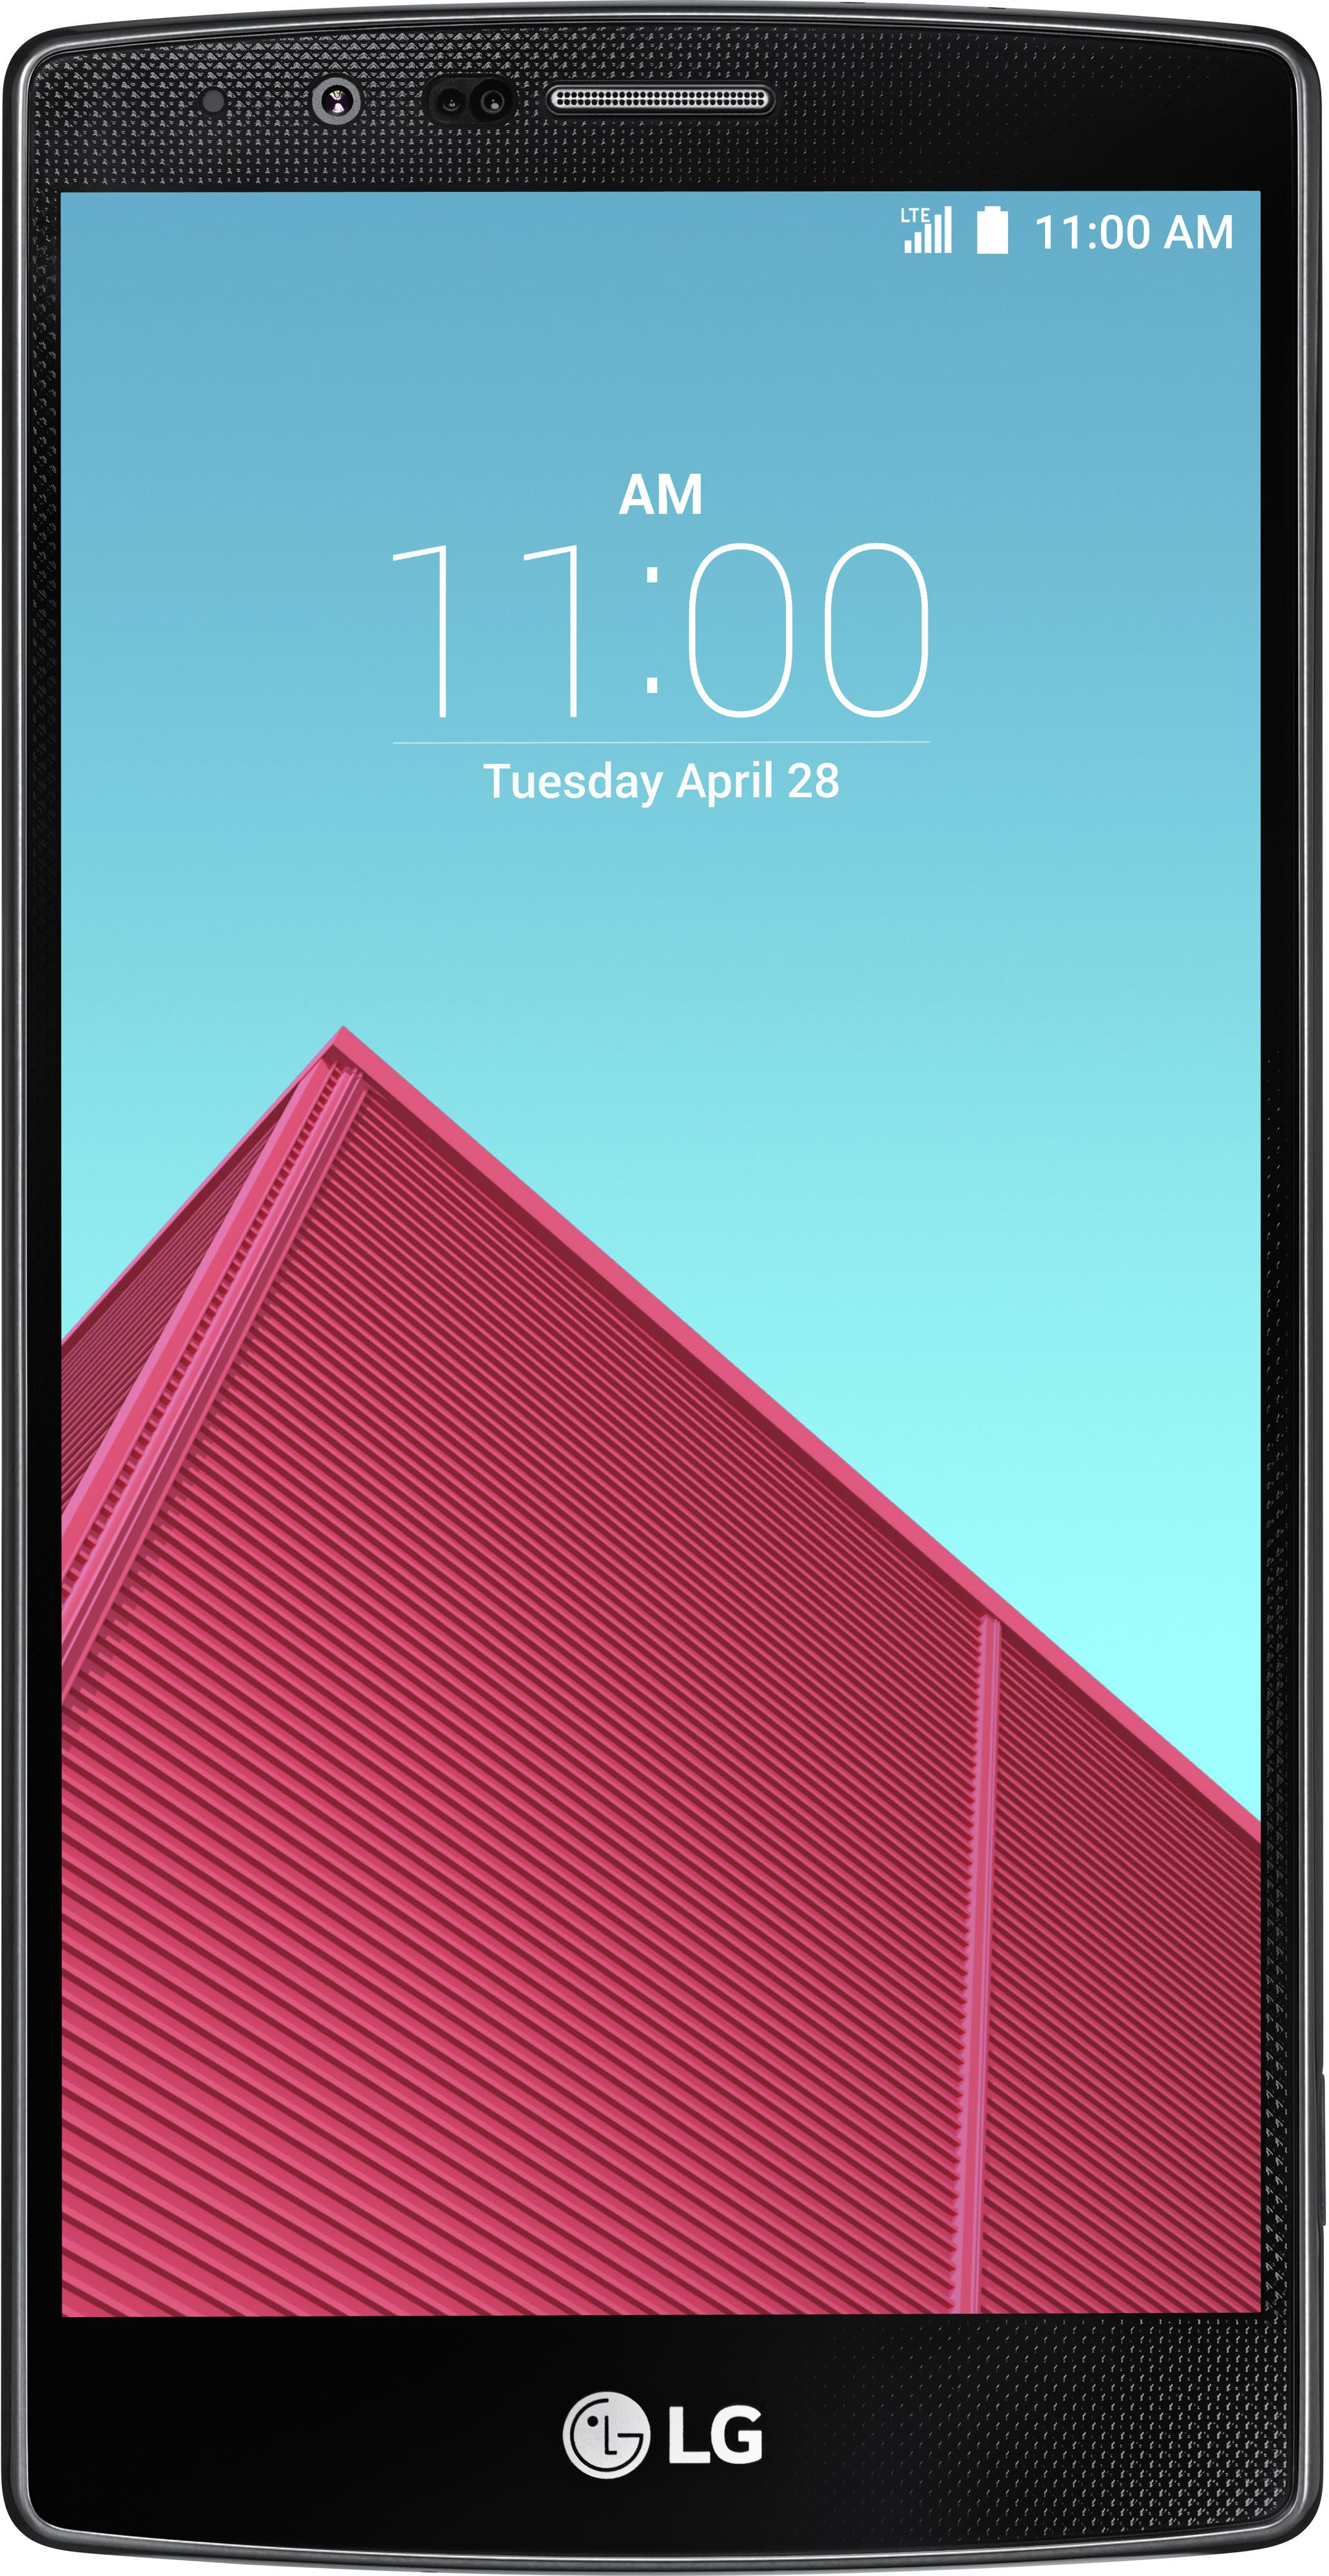 gigantti hml seksitreffit mobiili